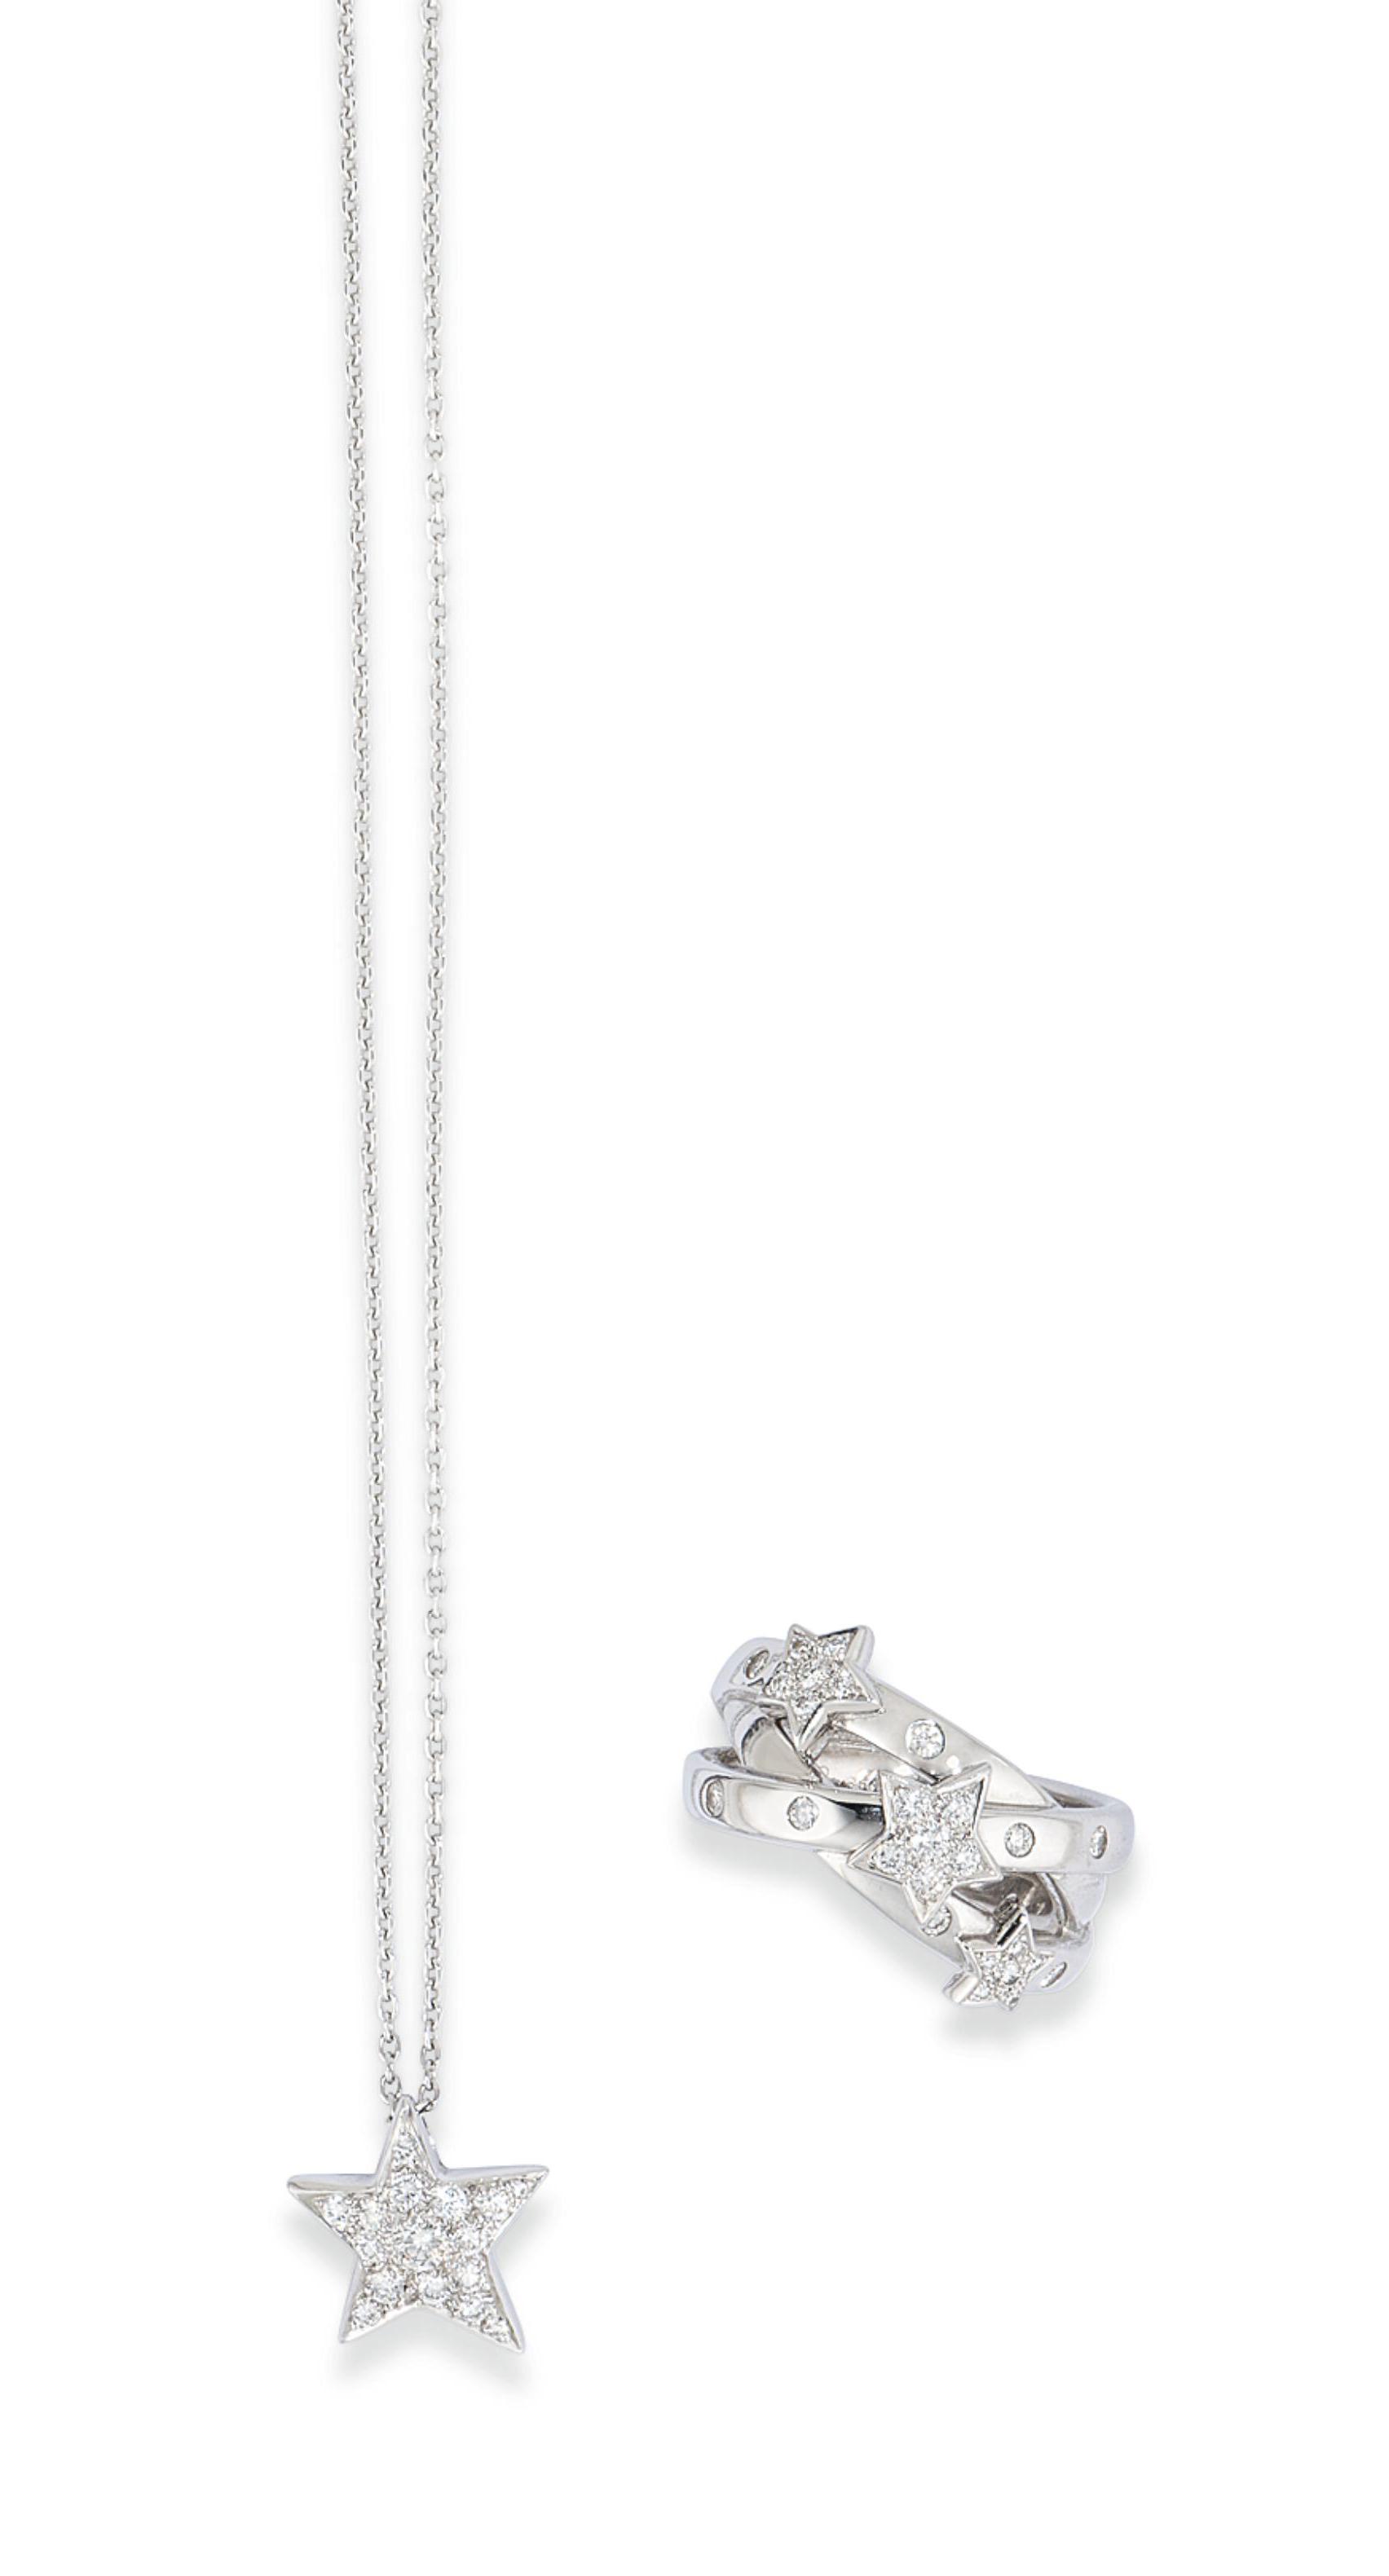 A DIAMOND-SET 'COMETE' RING AN